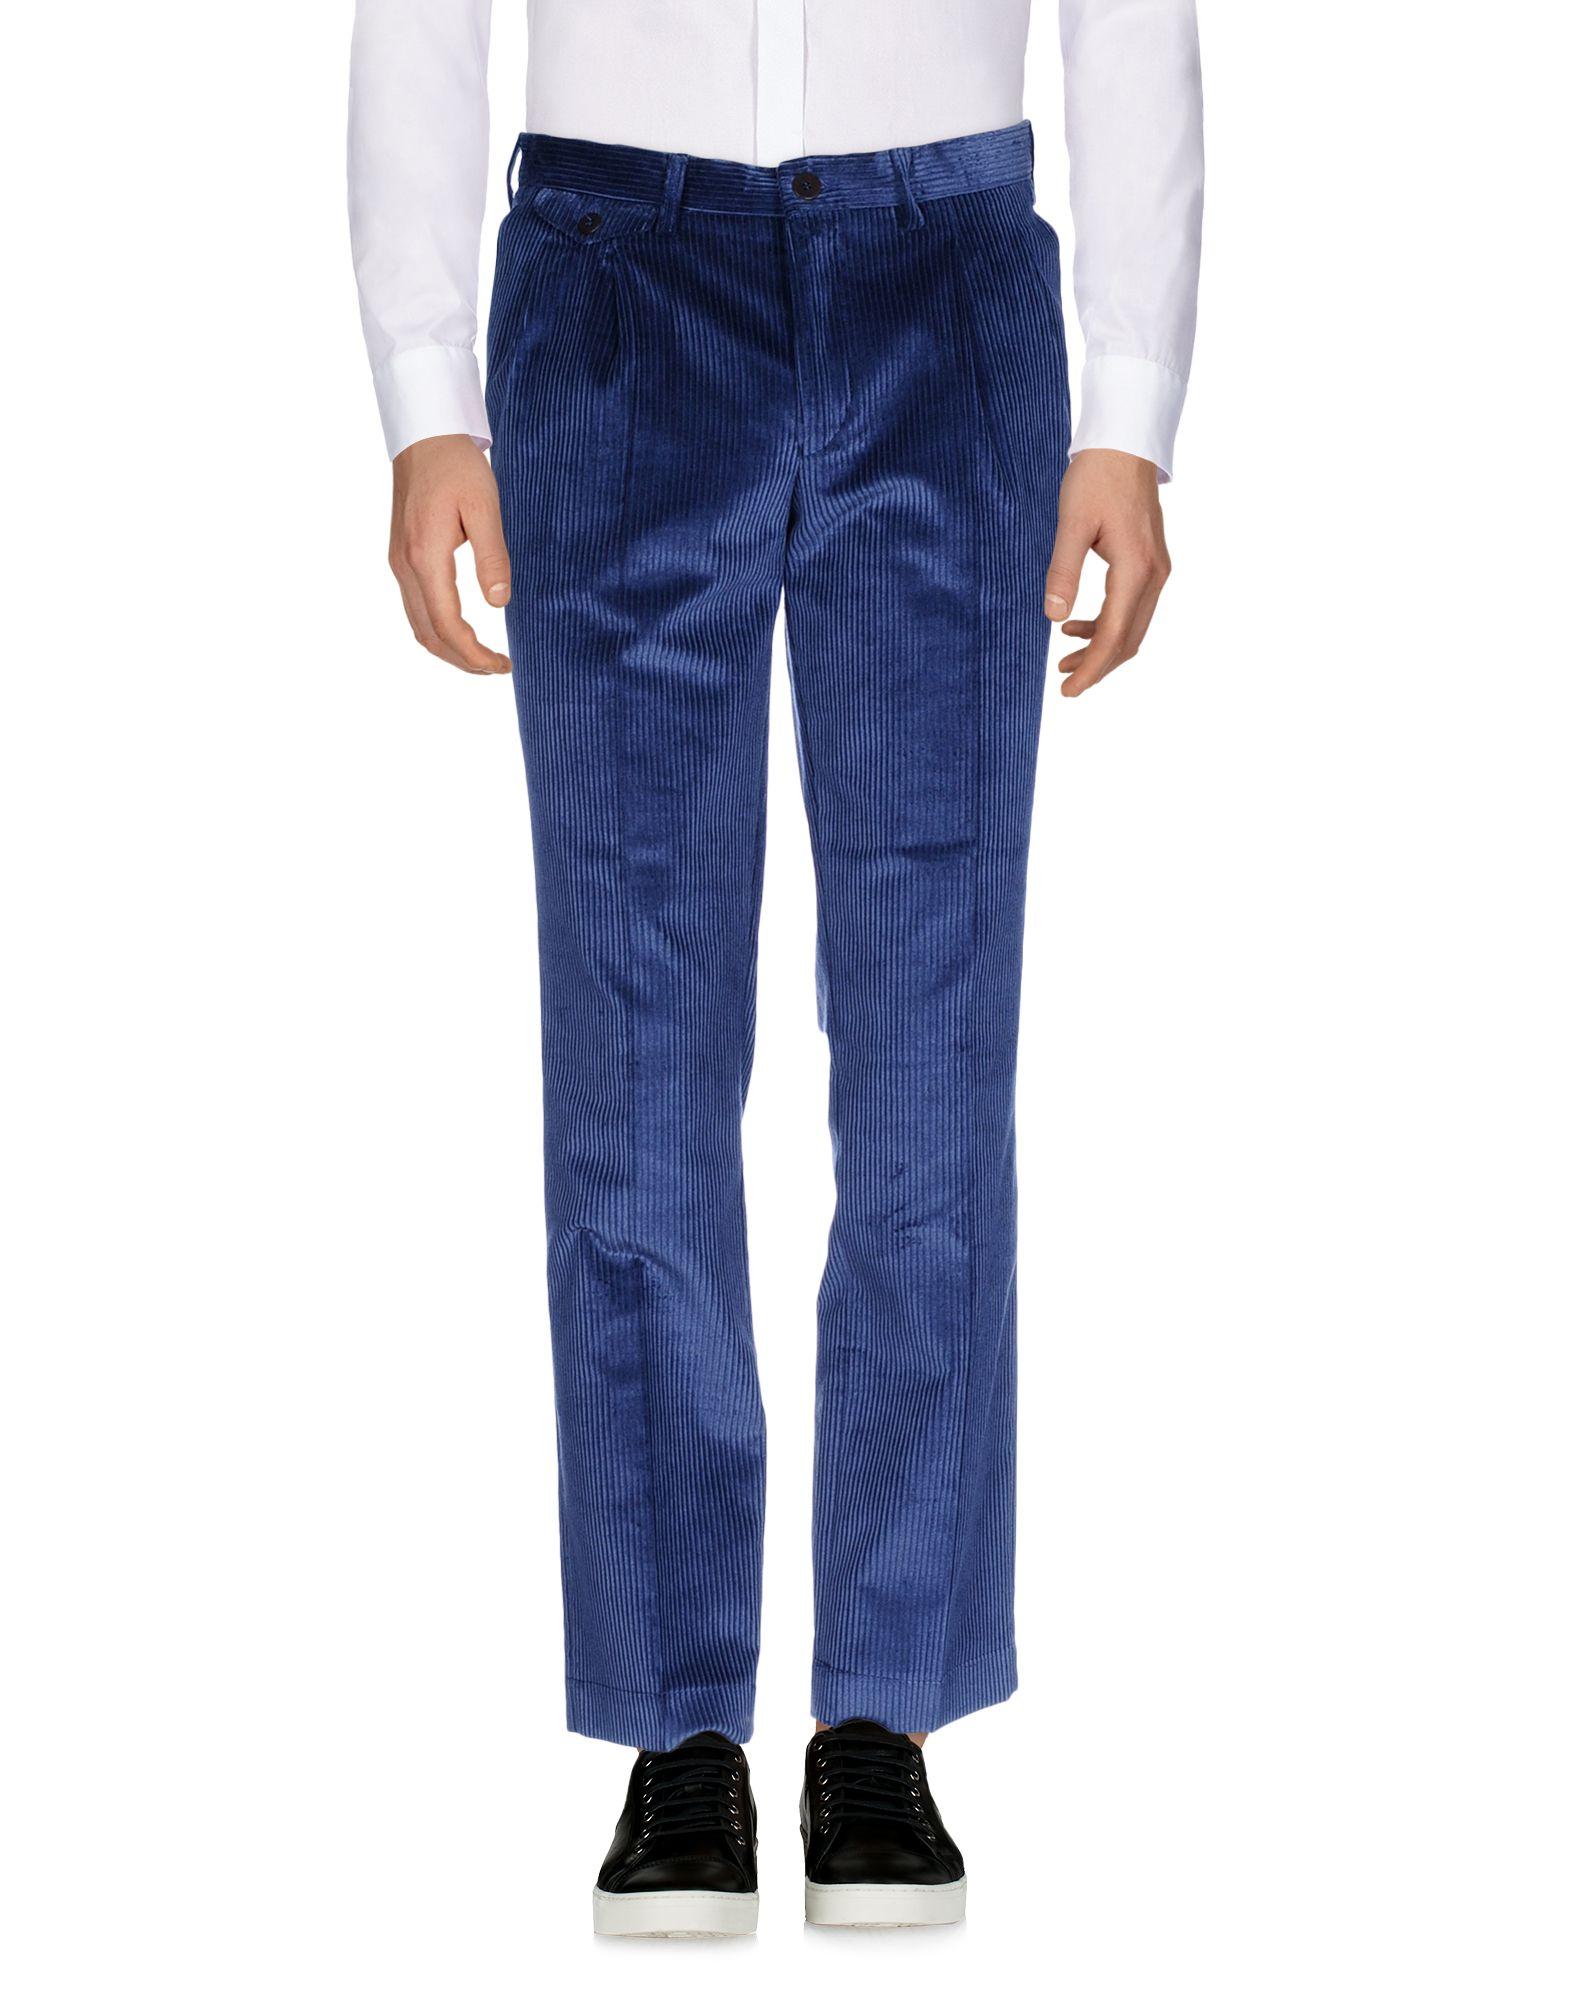 《期間限定セール中》LA PAZ メンズ パンツ ブルー M 100% コットン